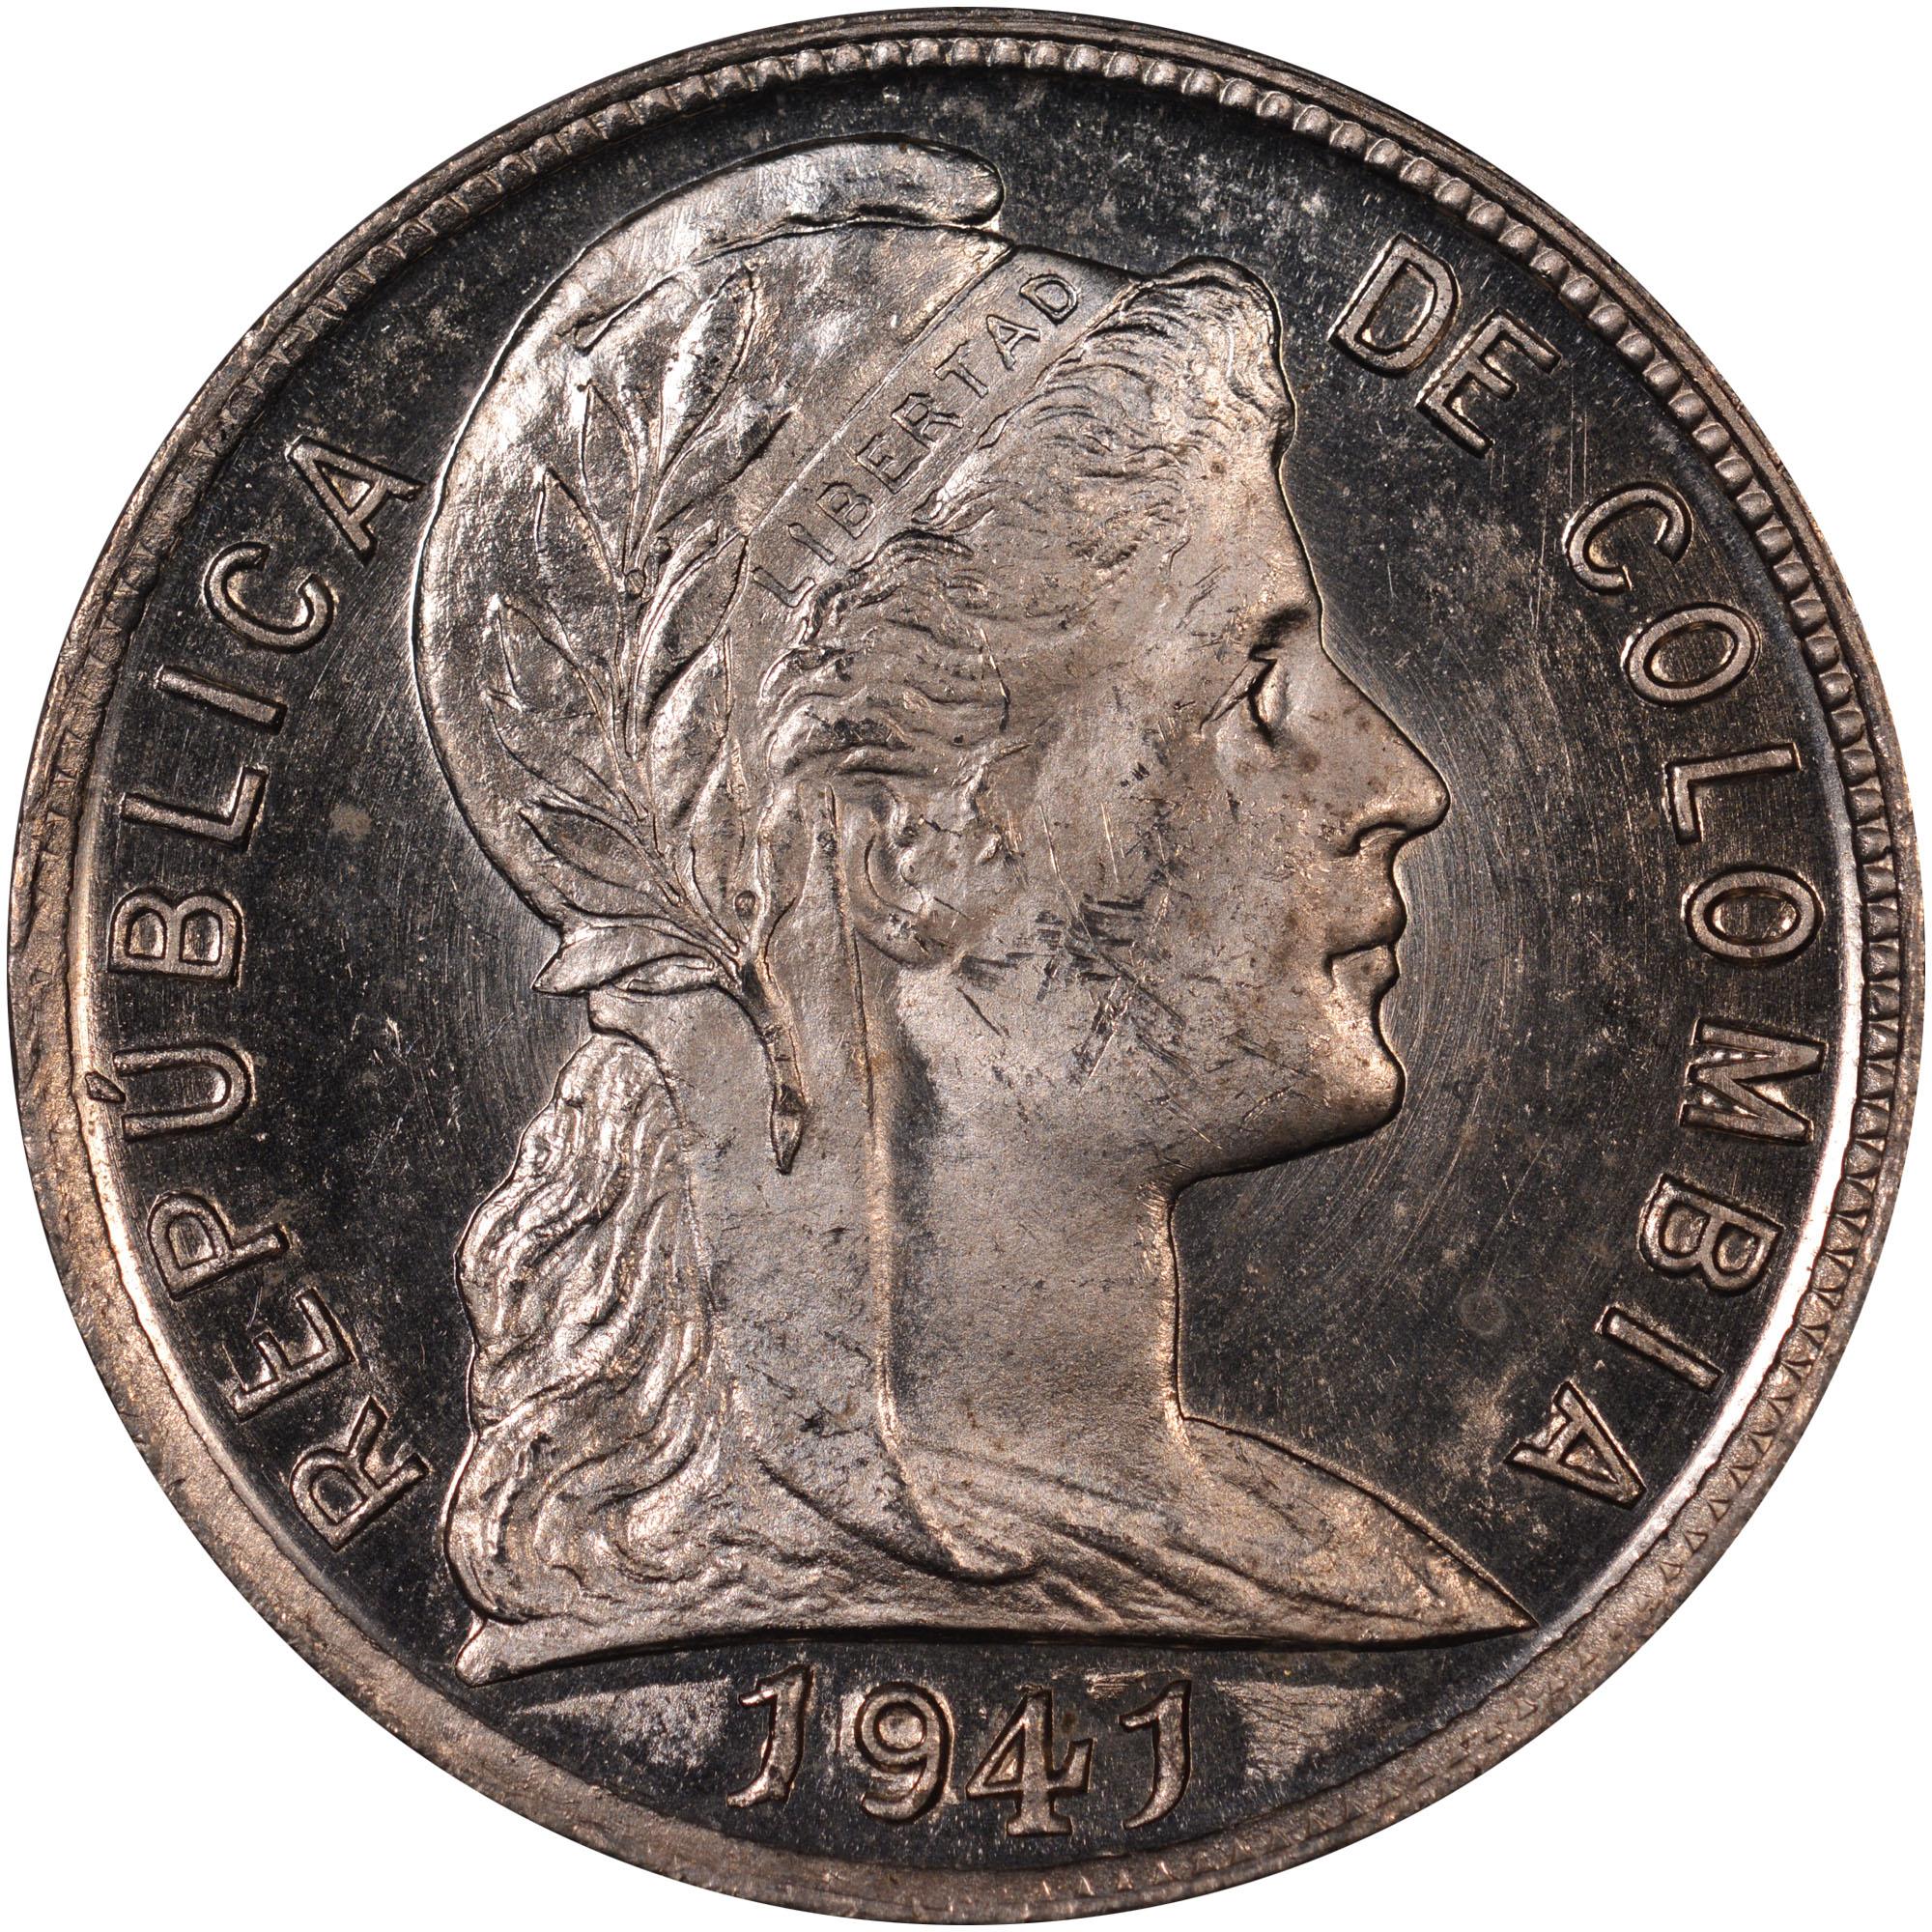 1918-1950 Colombia 5 Centavos obverse